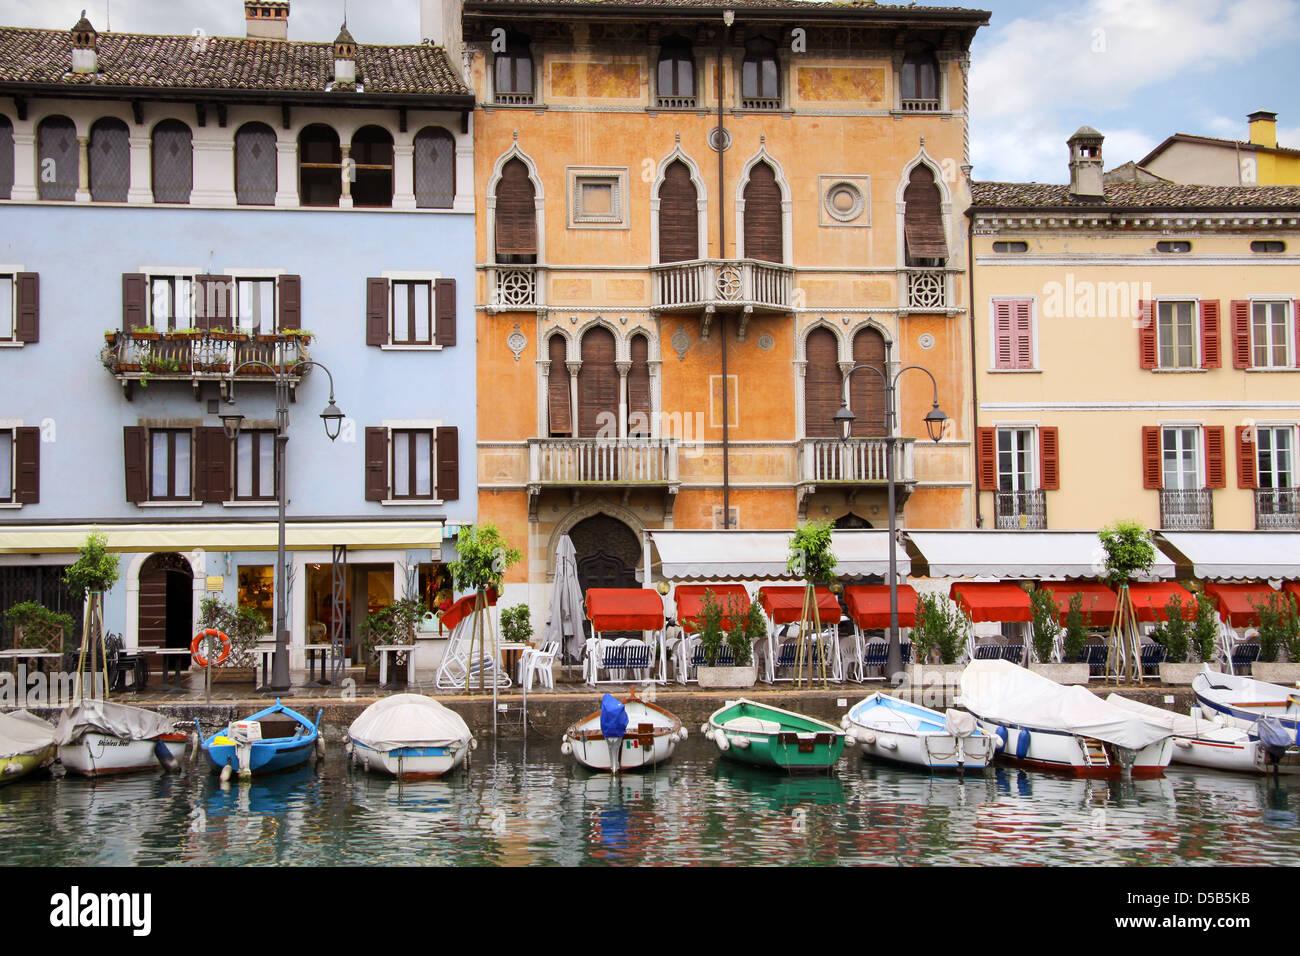 Harbor of Desenzano on Lake Garda, Region of Brescia, Lombardy, Italy Stock Photo